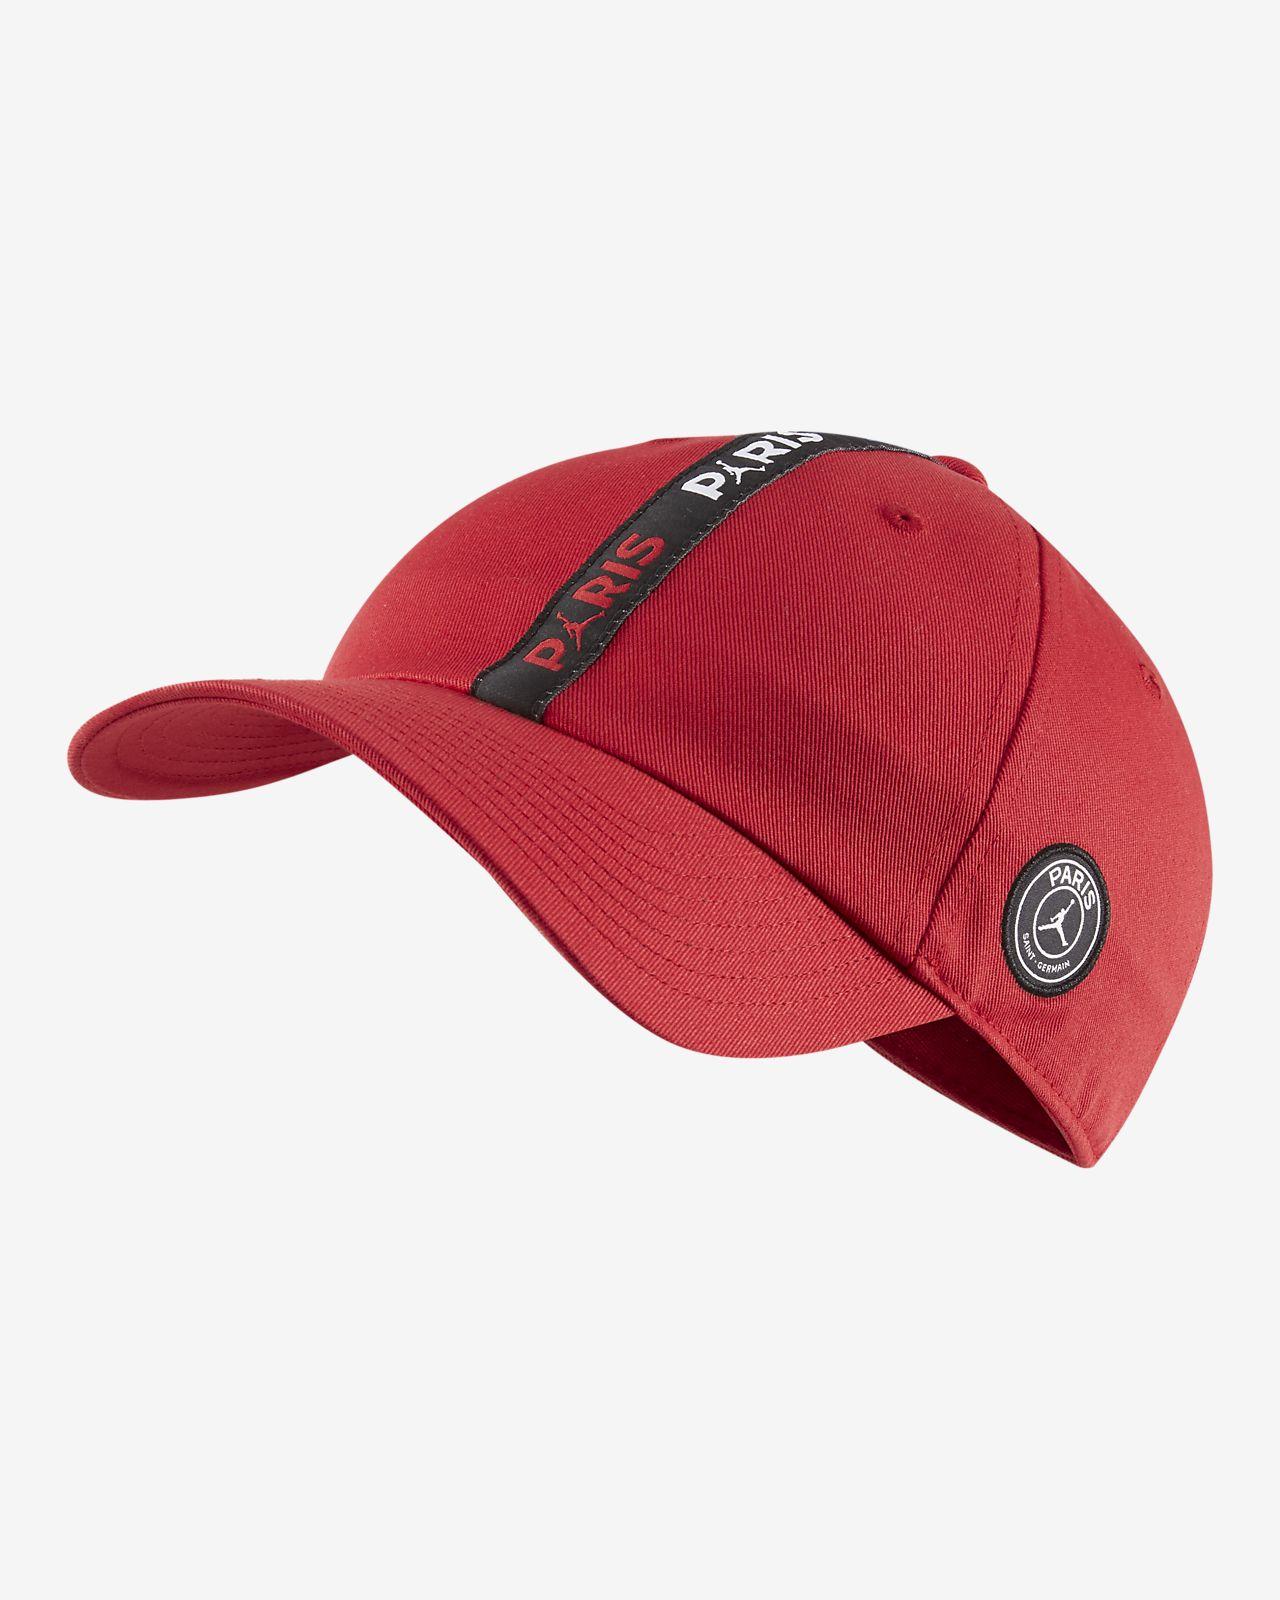 Nike Jordan Paris St Germain Youth Adjustable Hat Cap